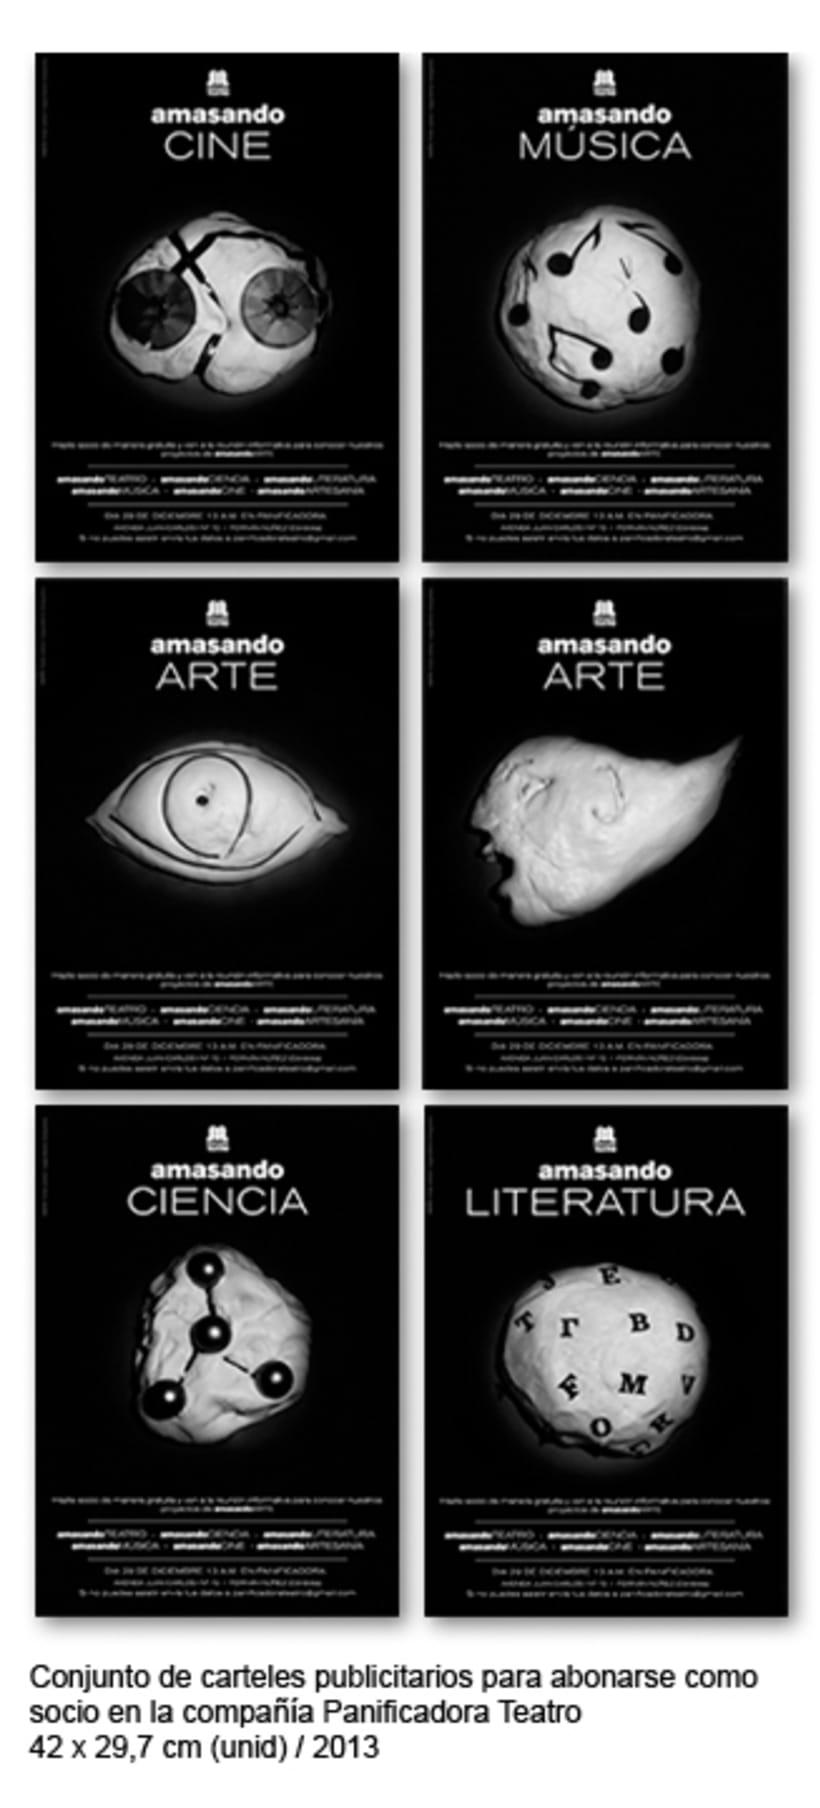 Cartelería 2013 Panificadora Teatro 0